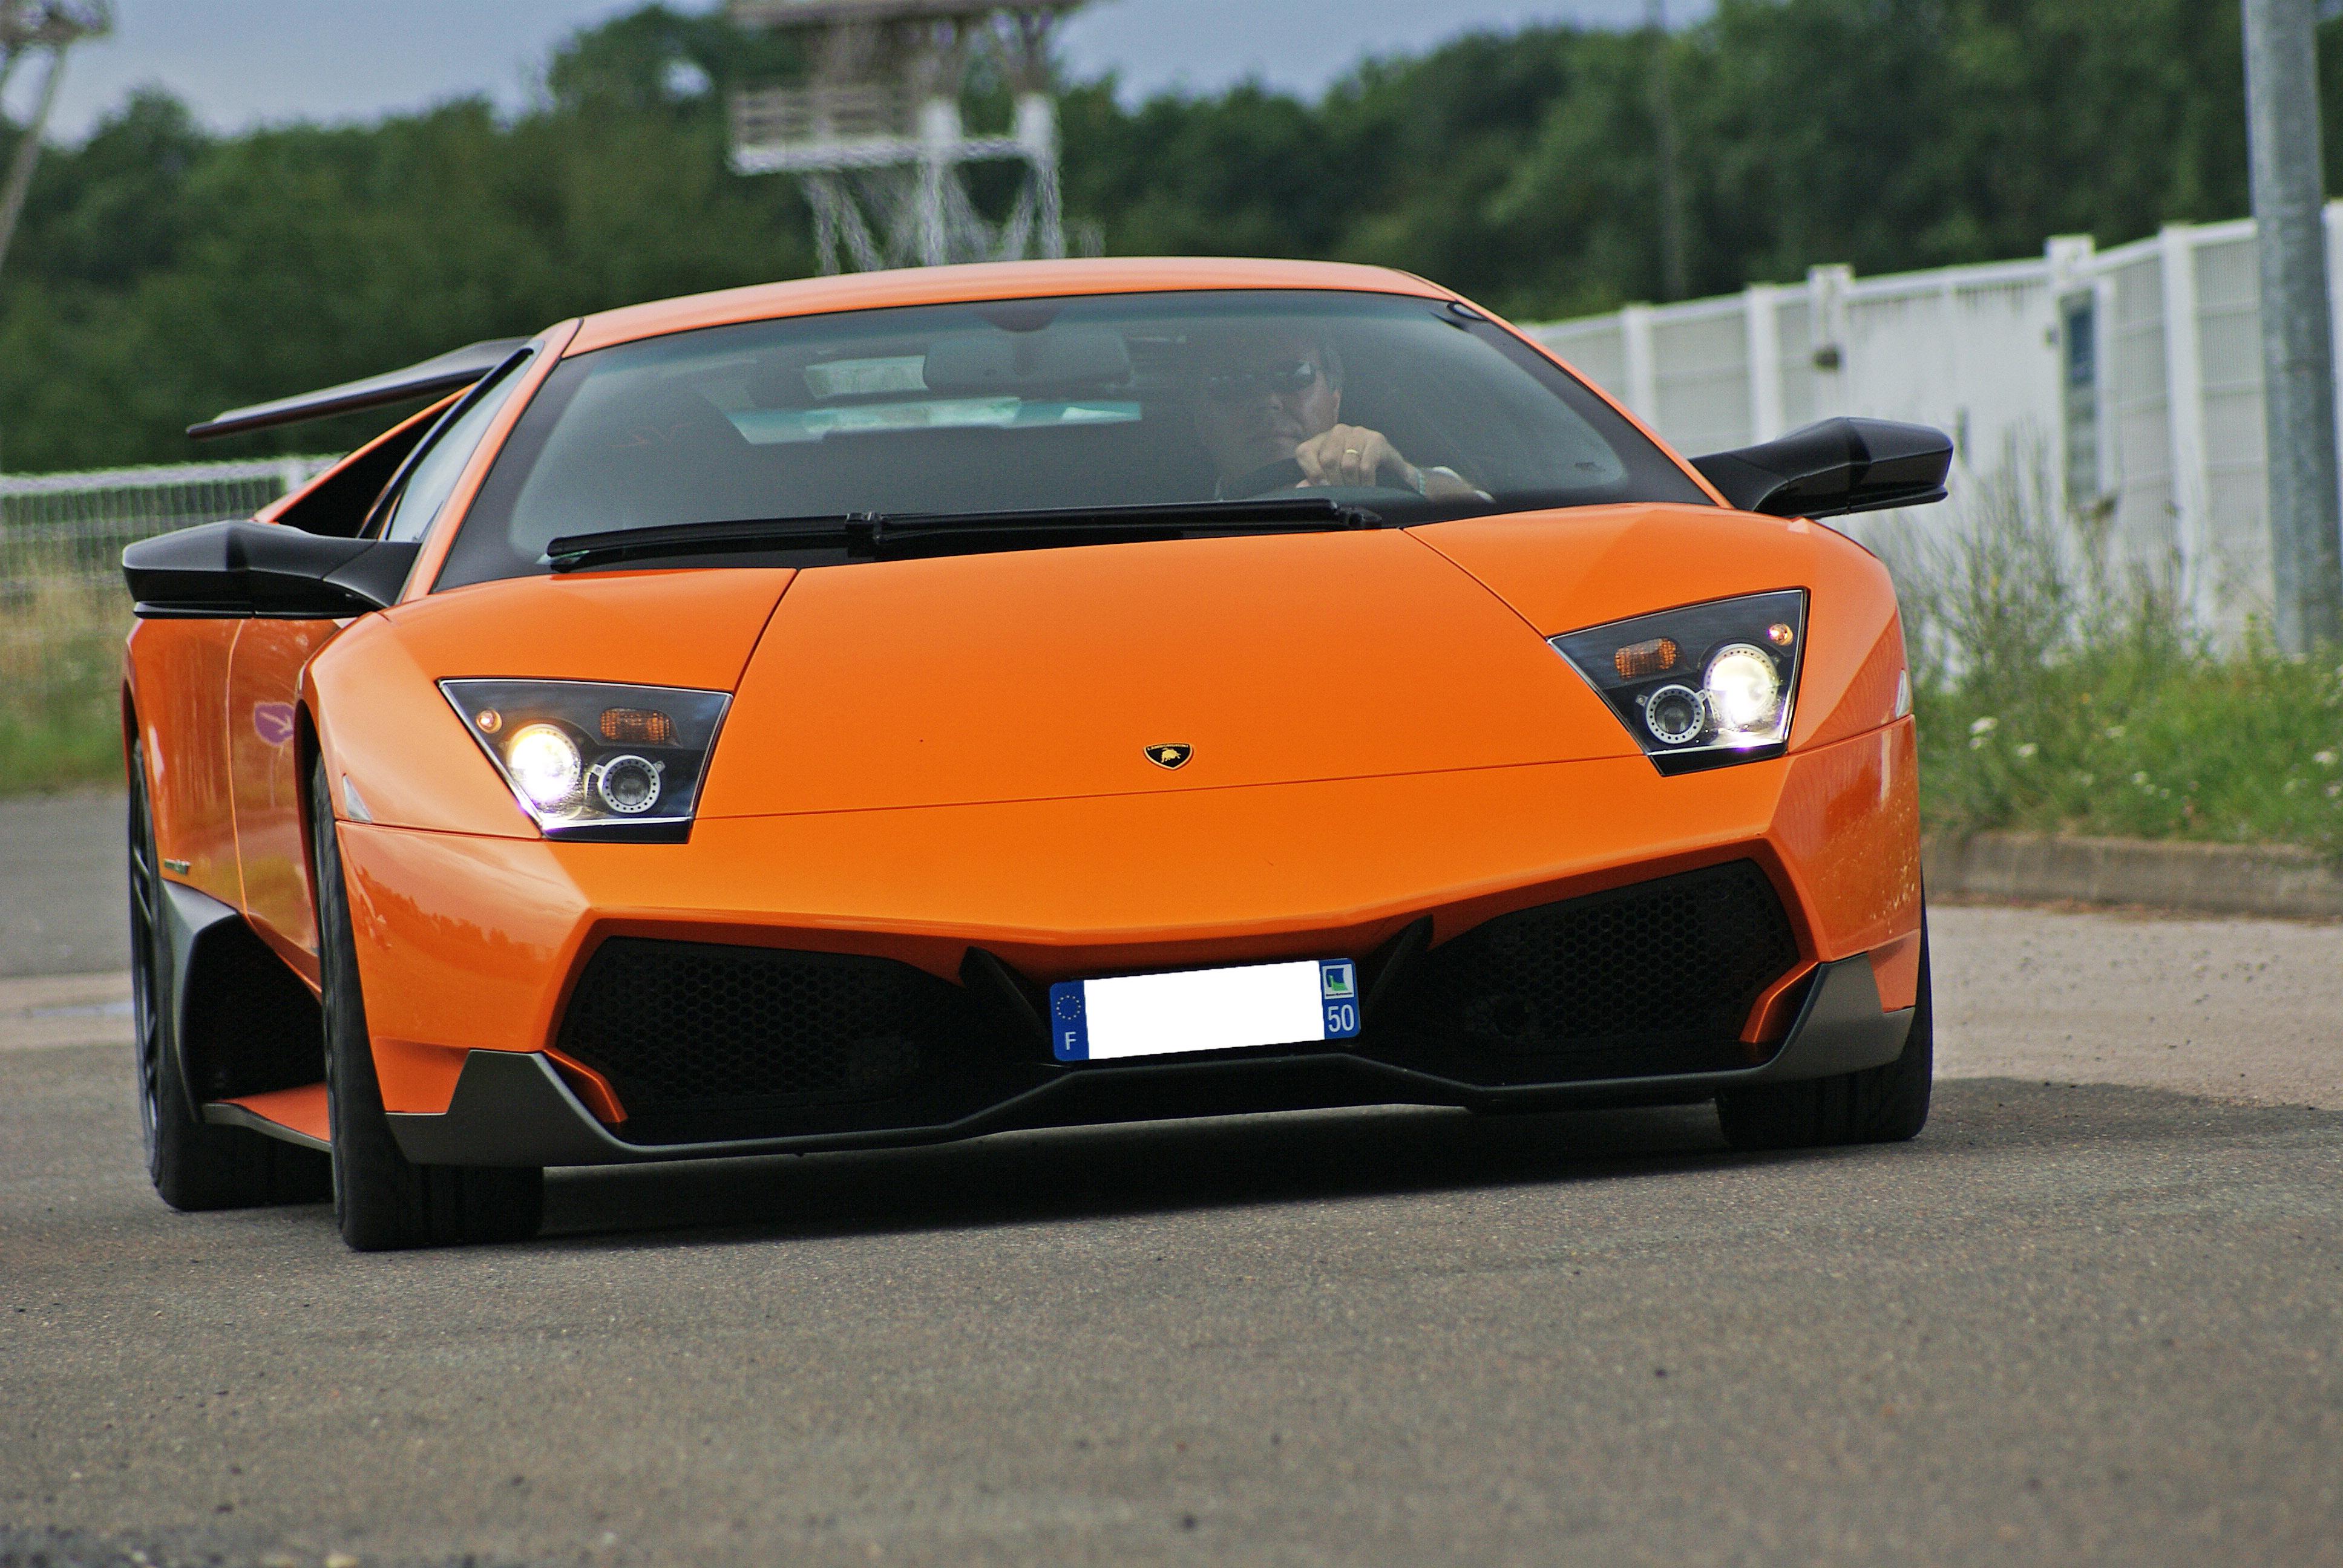 Lamborghini-Murcielago-LP670-4